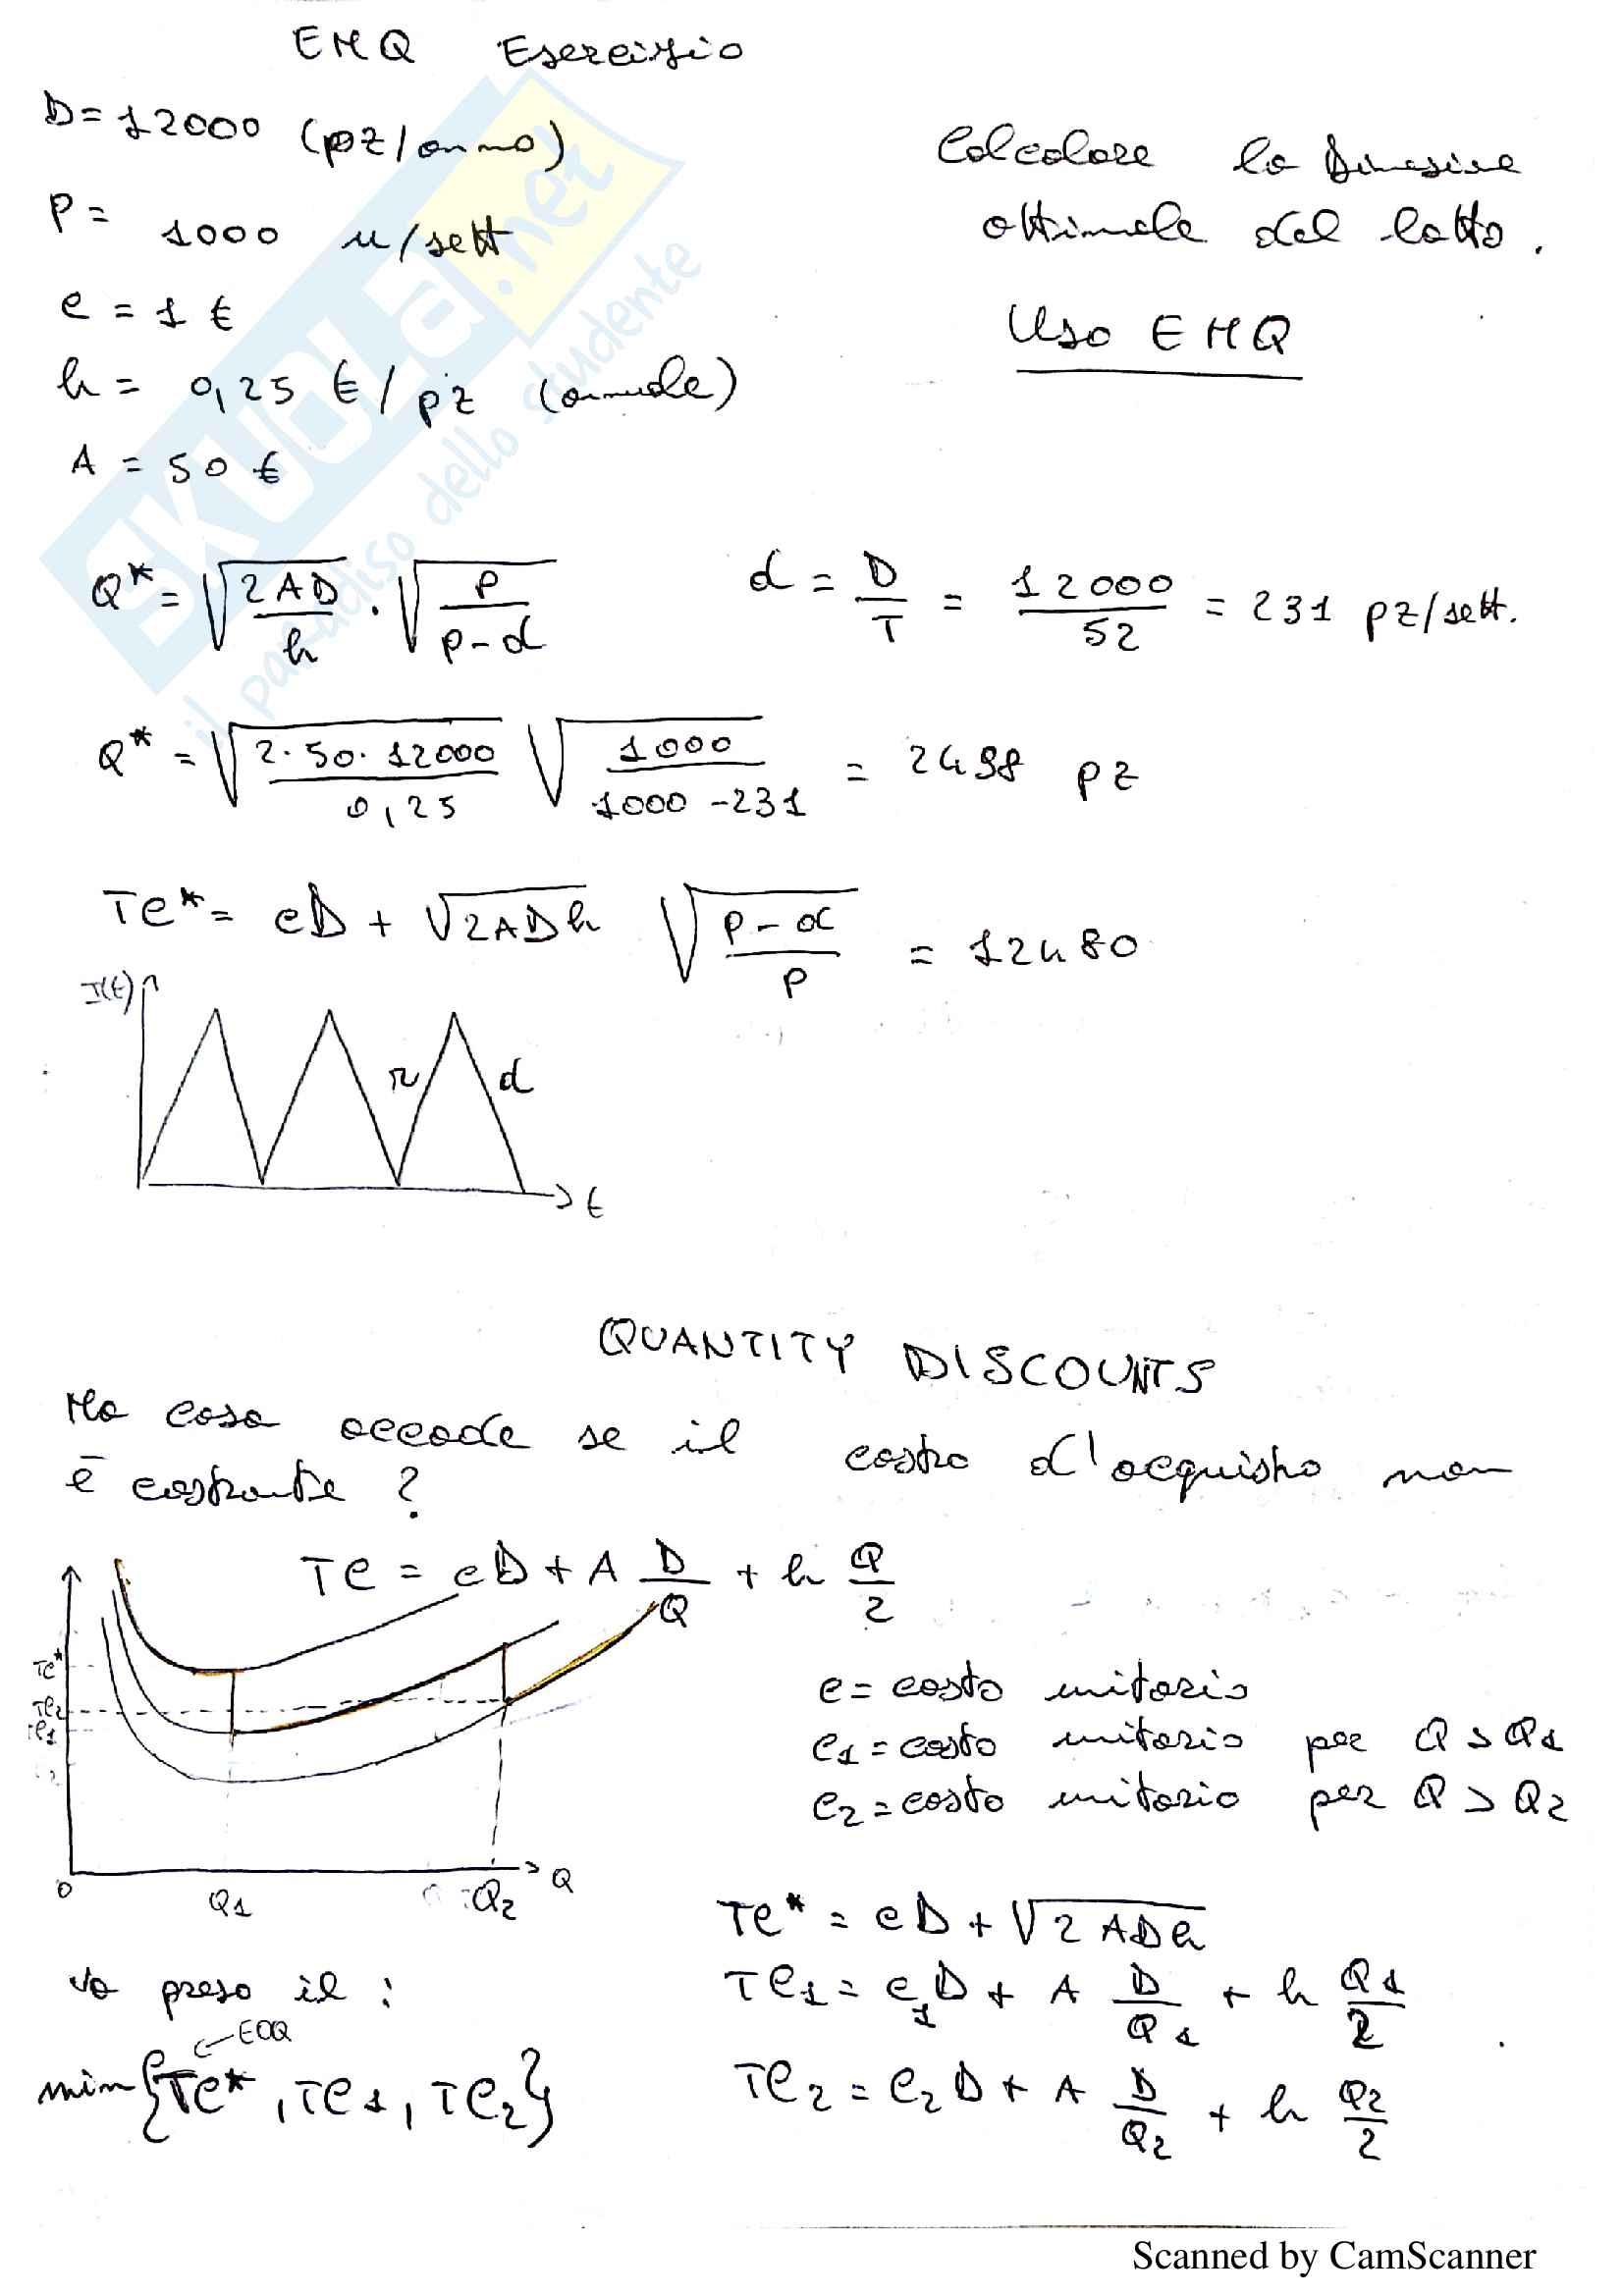 Programmazione e Gestione della Produzione P. Chiabert Appunti, Schemi riassuntivi, Esempi svolti Pag. 11